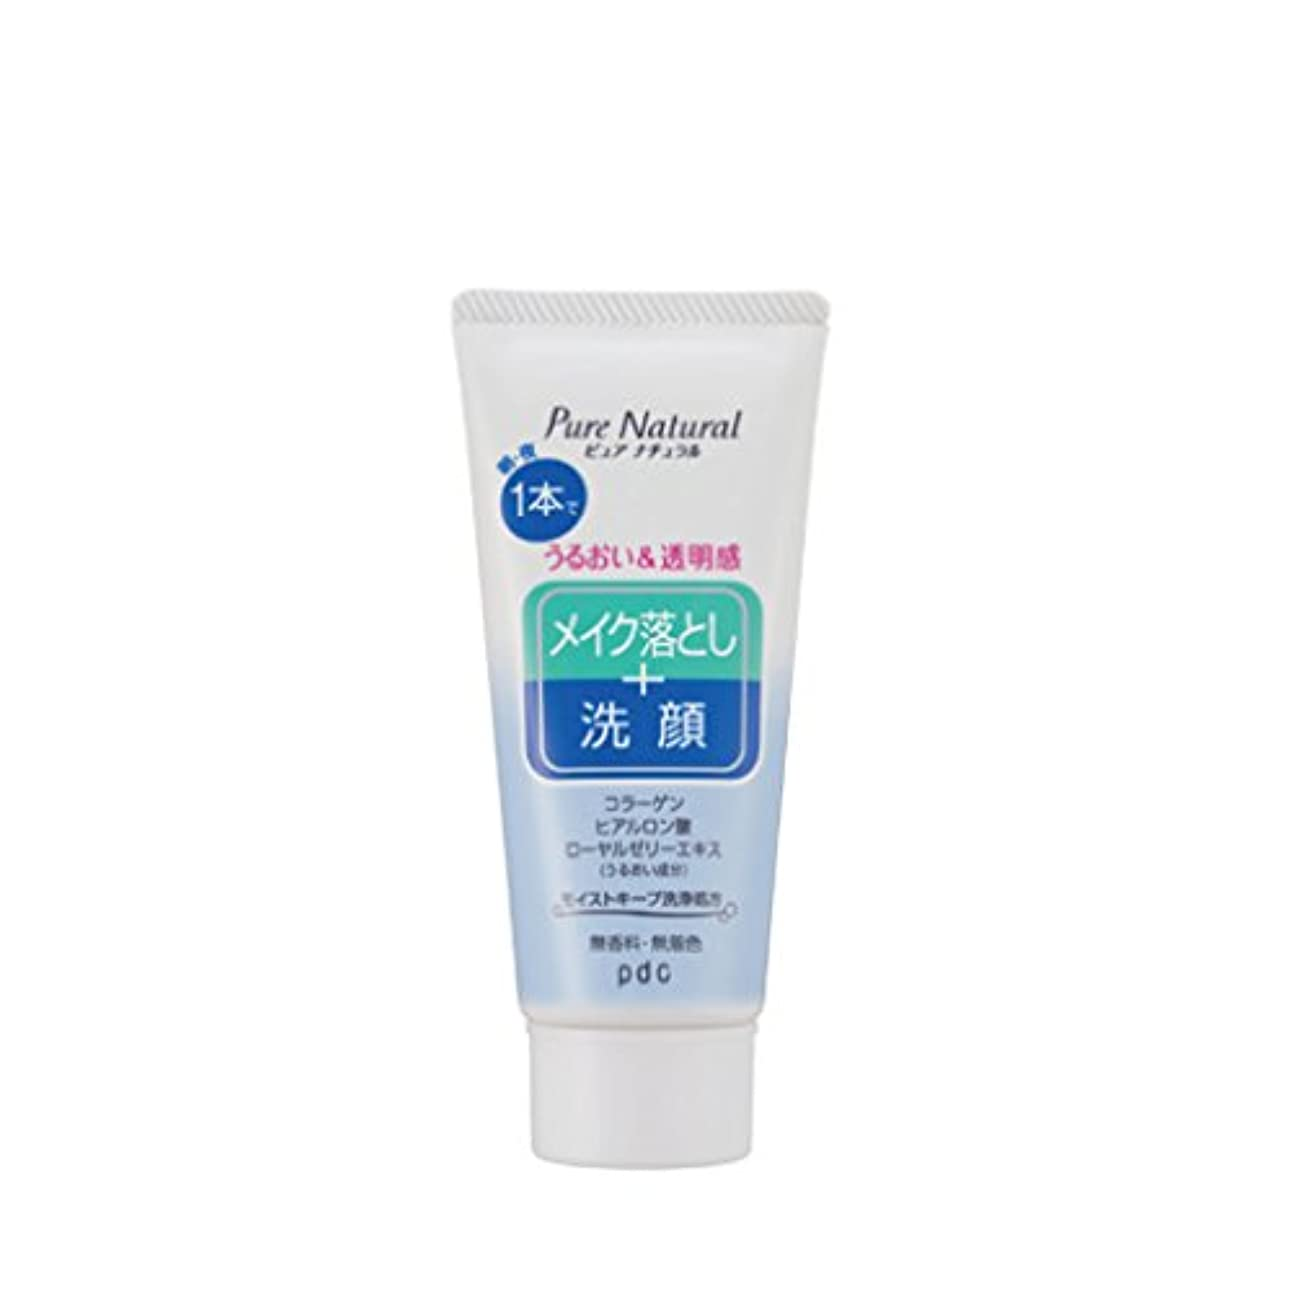 強度に対応する顕微鏡Pure NATURAL(ピュアナチュラル) クレンジング洗顔 (ミニサイズ) 70g